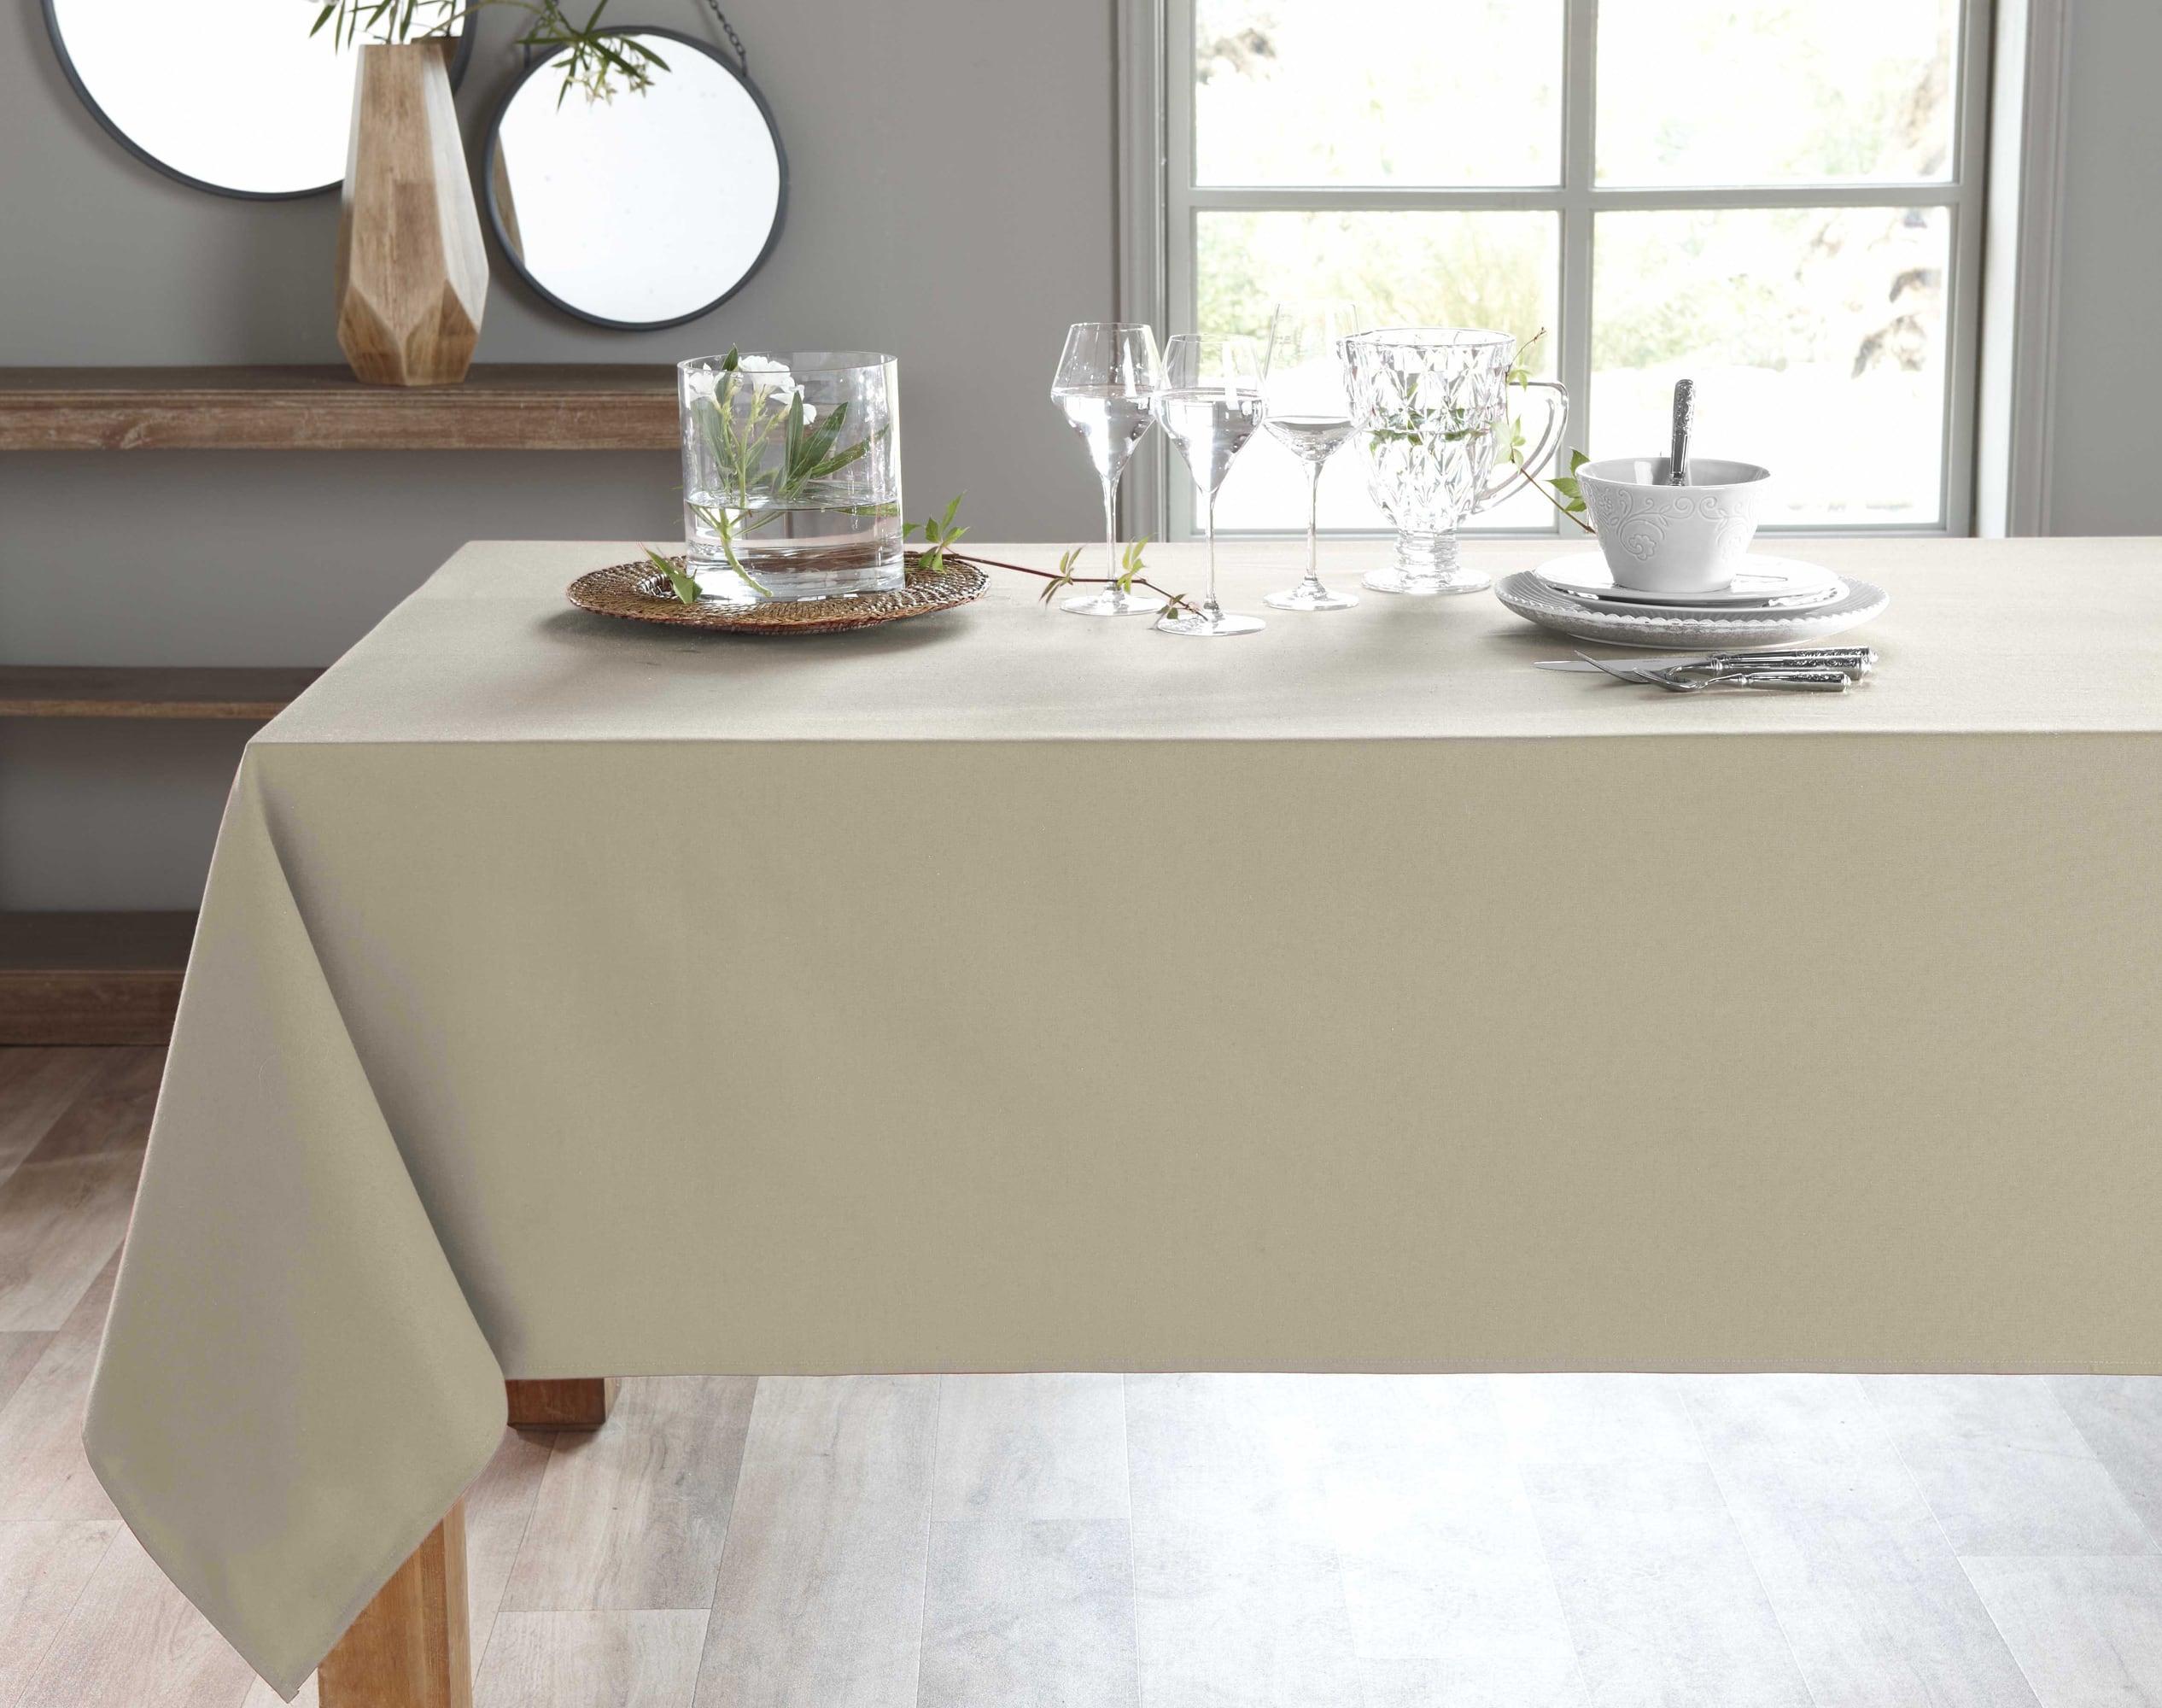 Nappe rectangulaire beige en coton 150x300